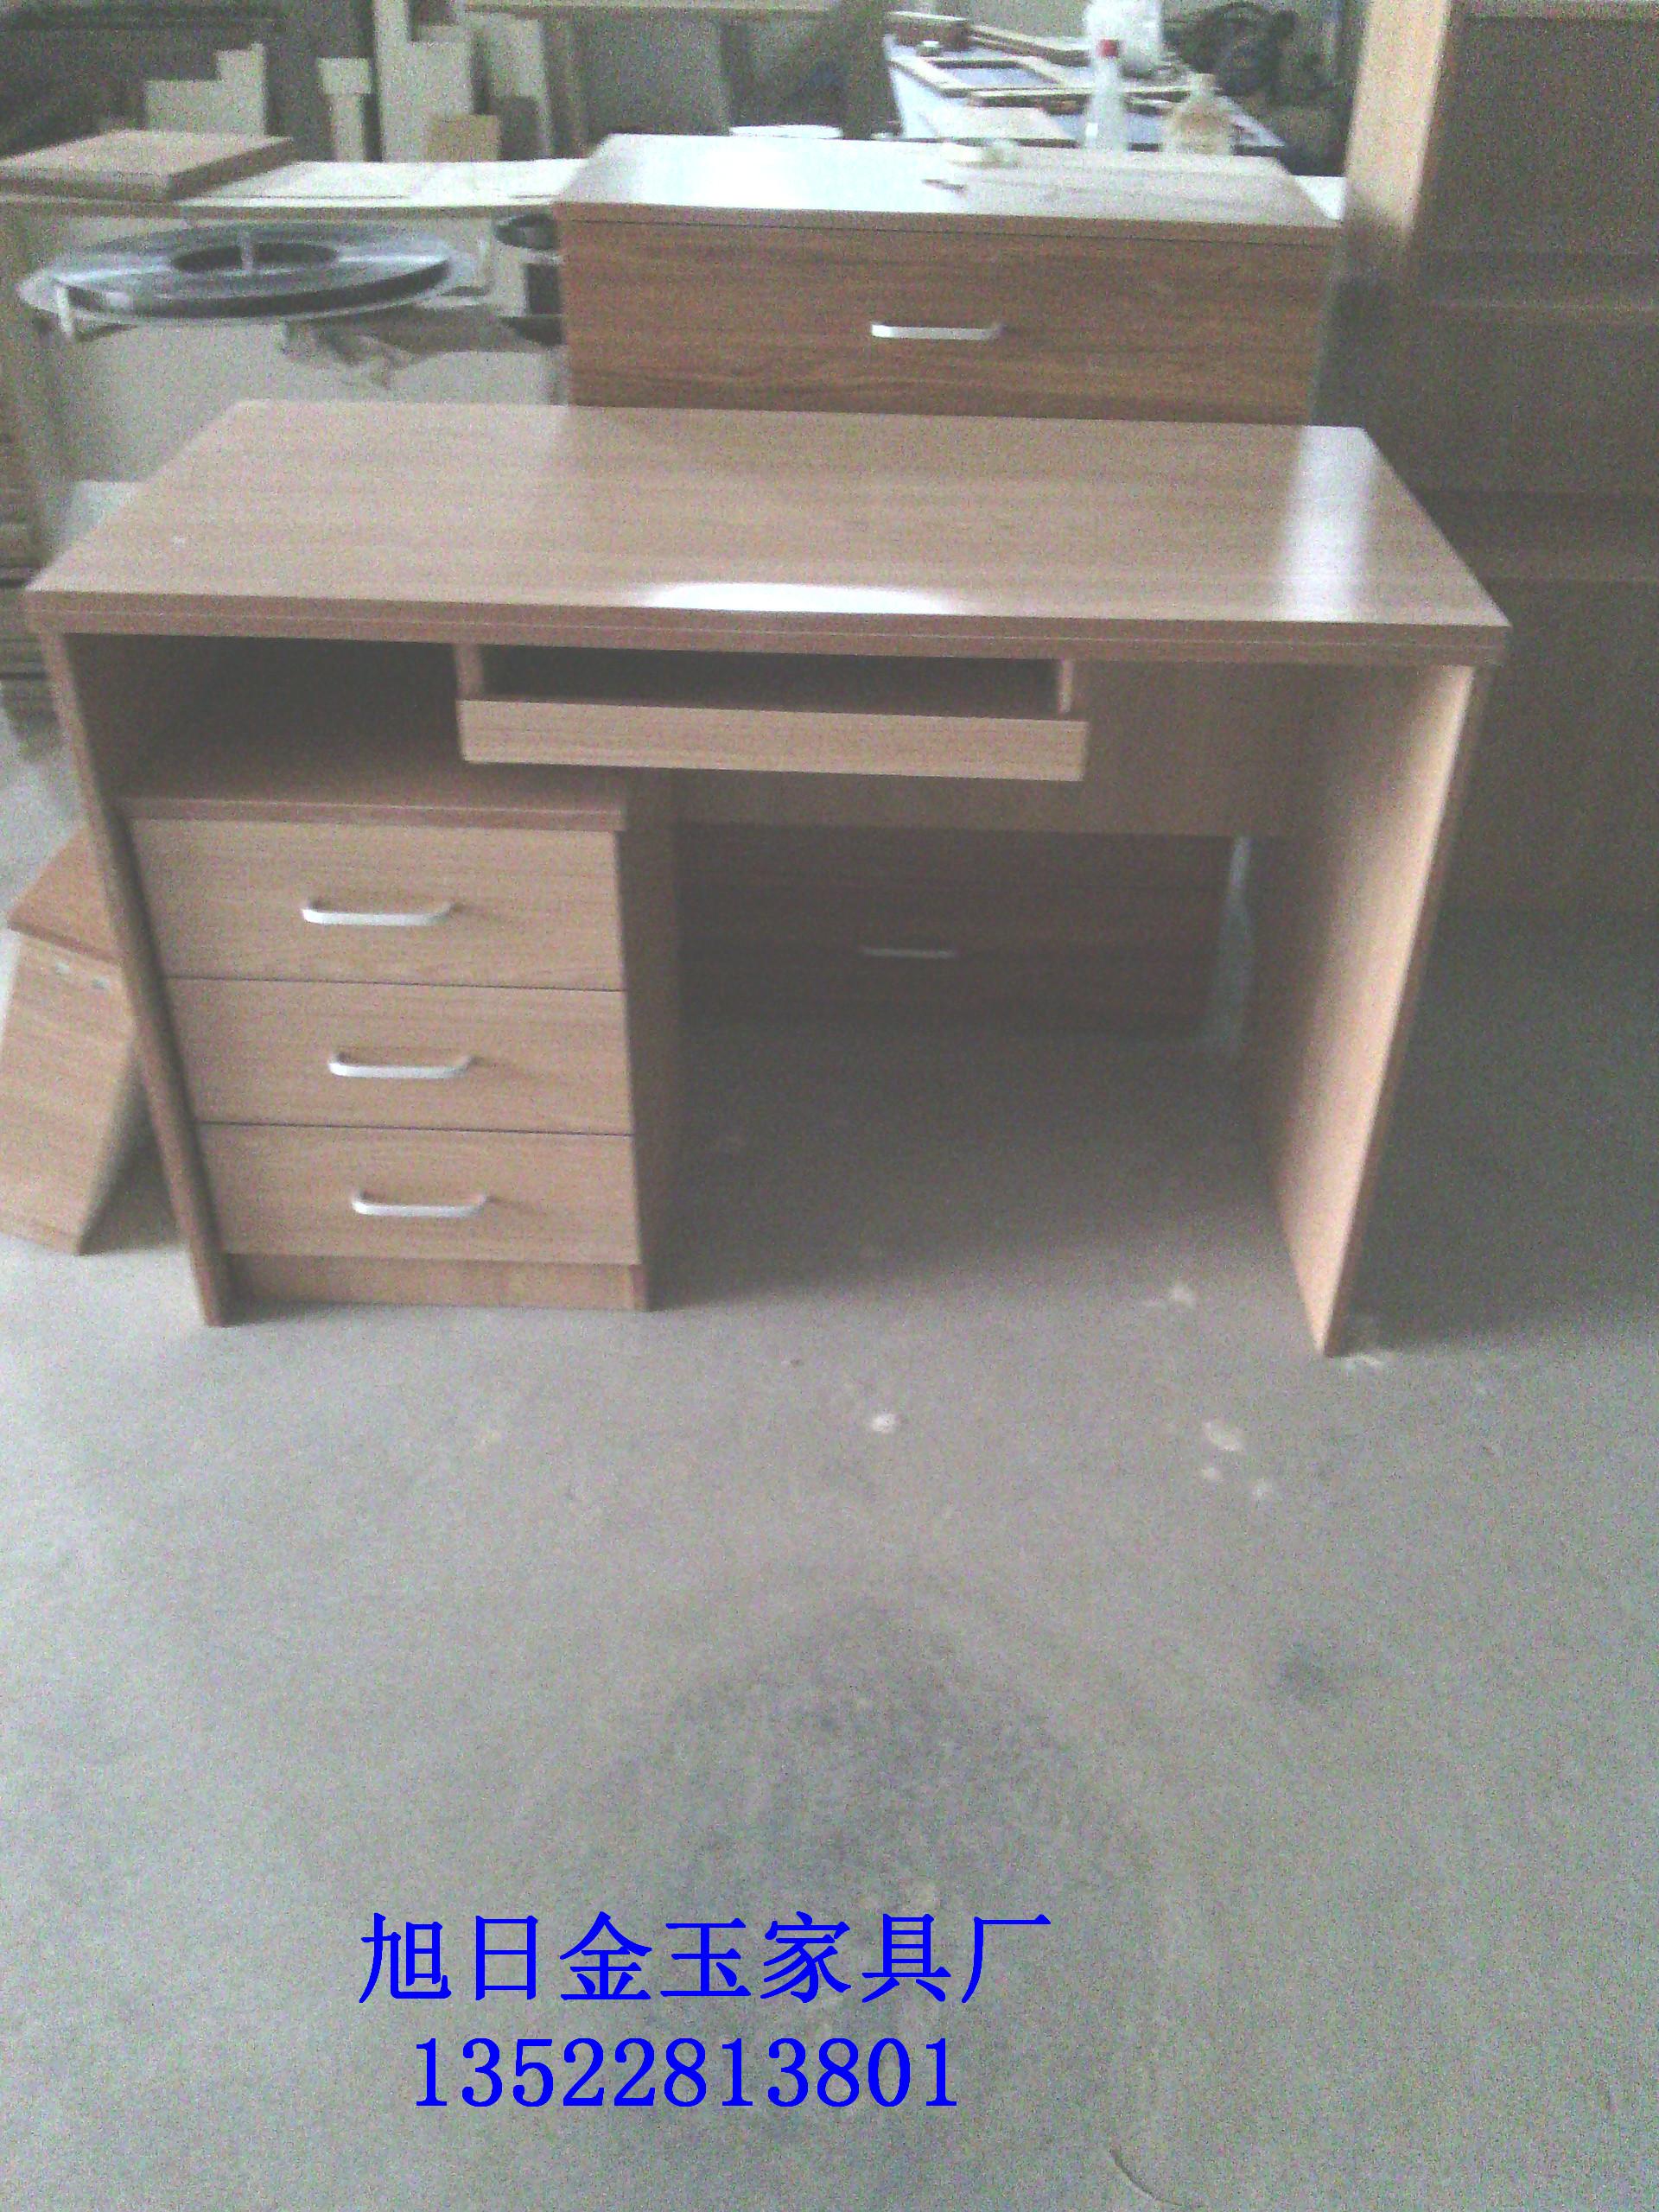 电脑桌椅定做图片/电脑桌椅定做样板图 (2)